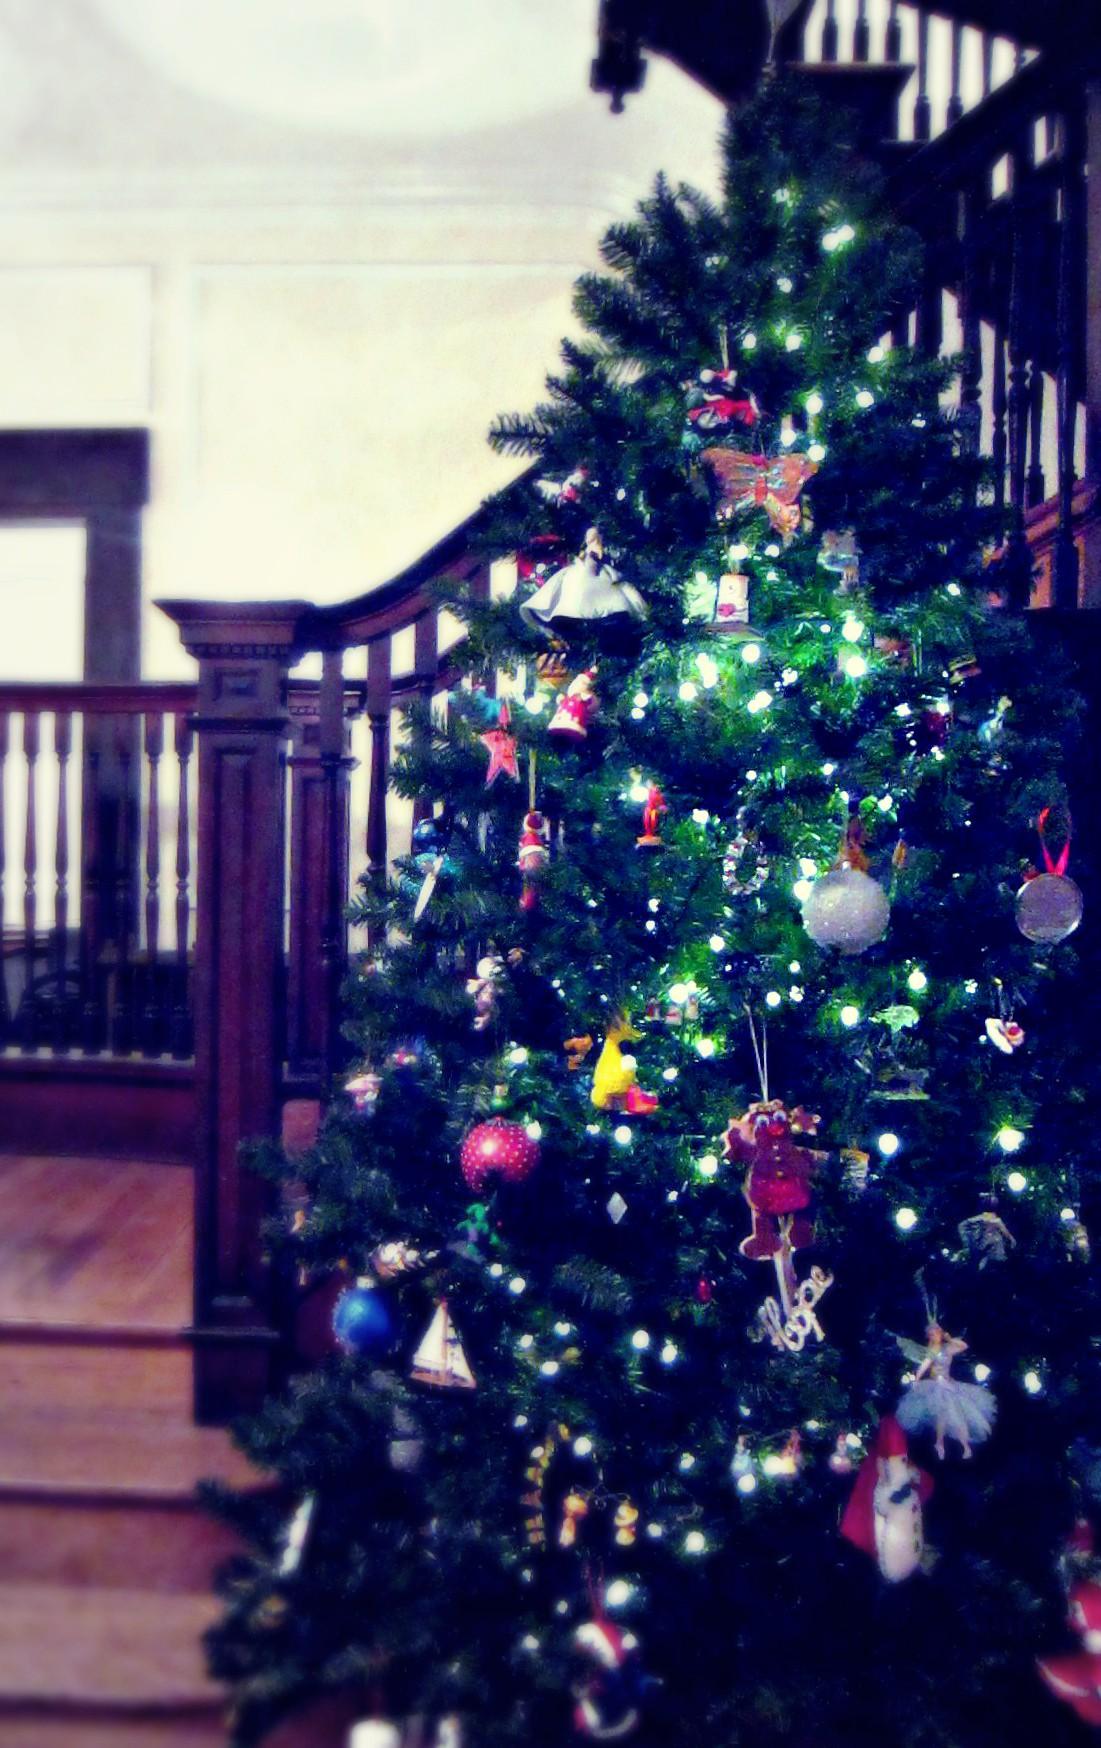 12-13 hohenadel tree pixlr